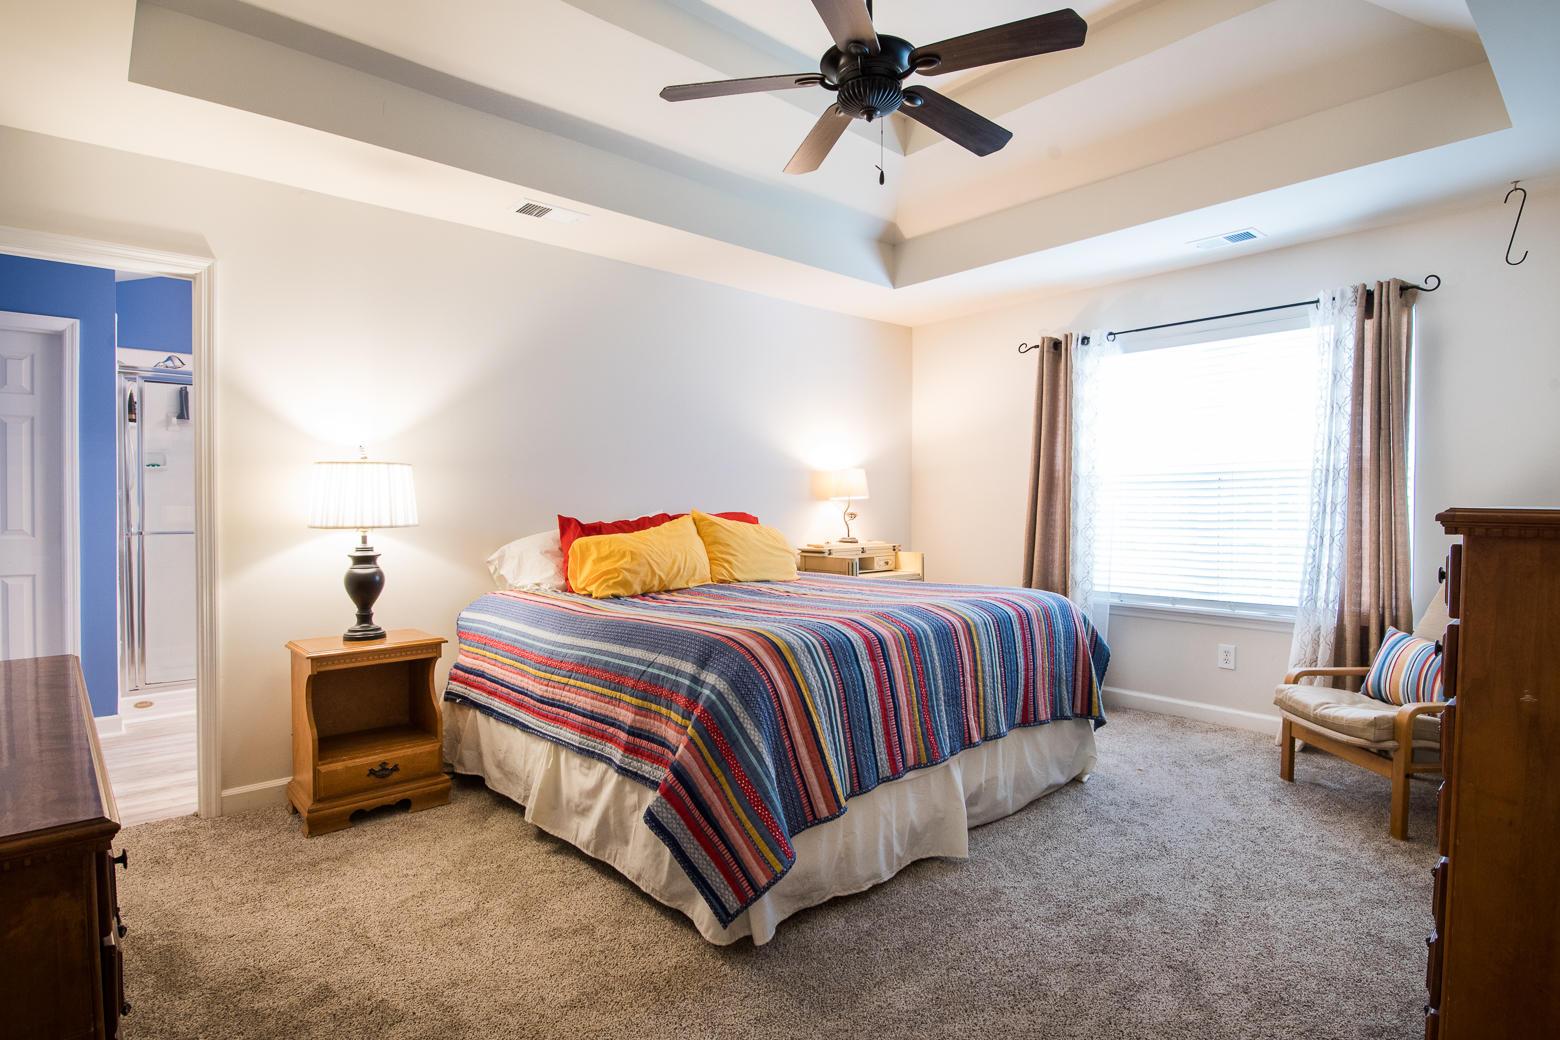 Dunes West Homes For Sale - 1111 Black Rush, Mount Pleasant, SC - 46